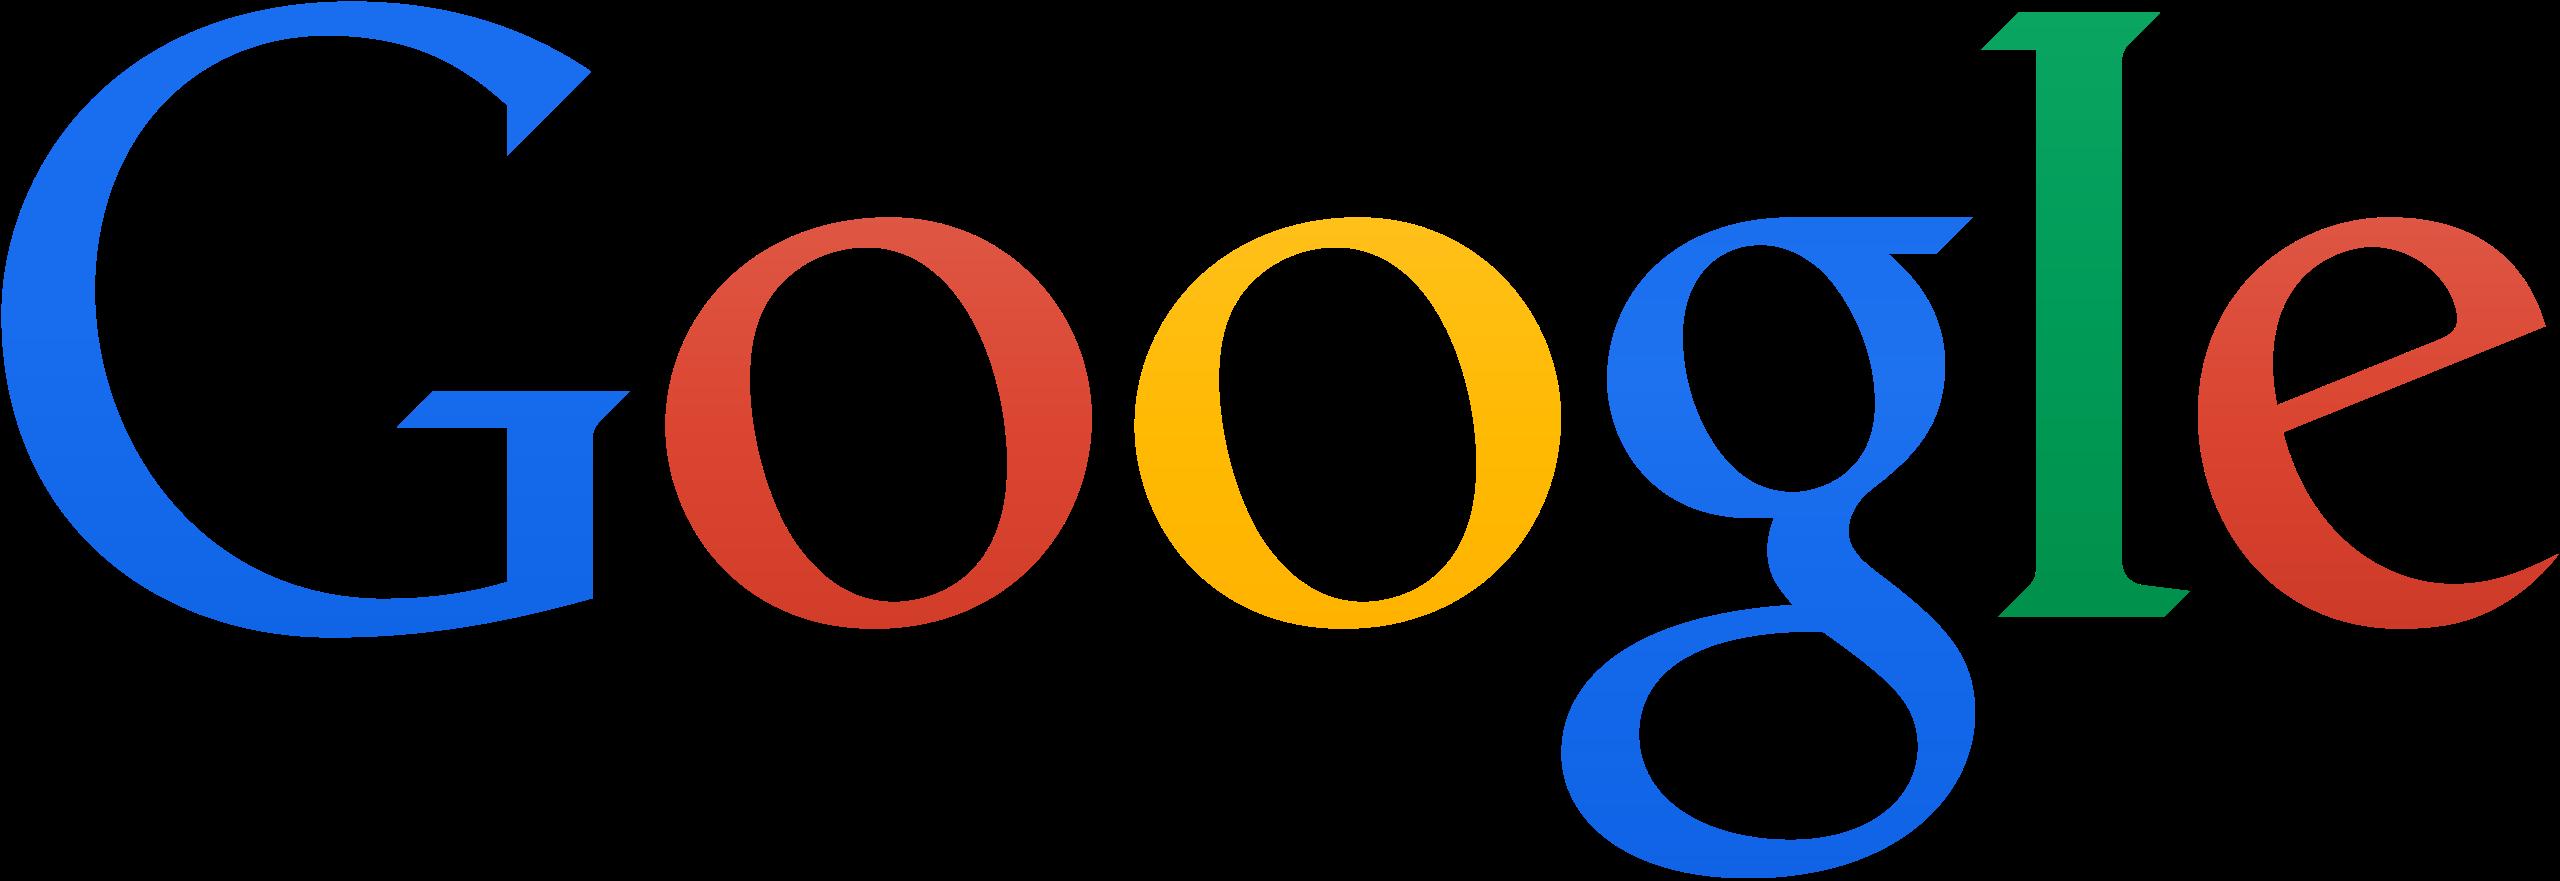 Image result for google png